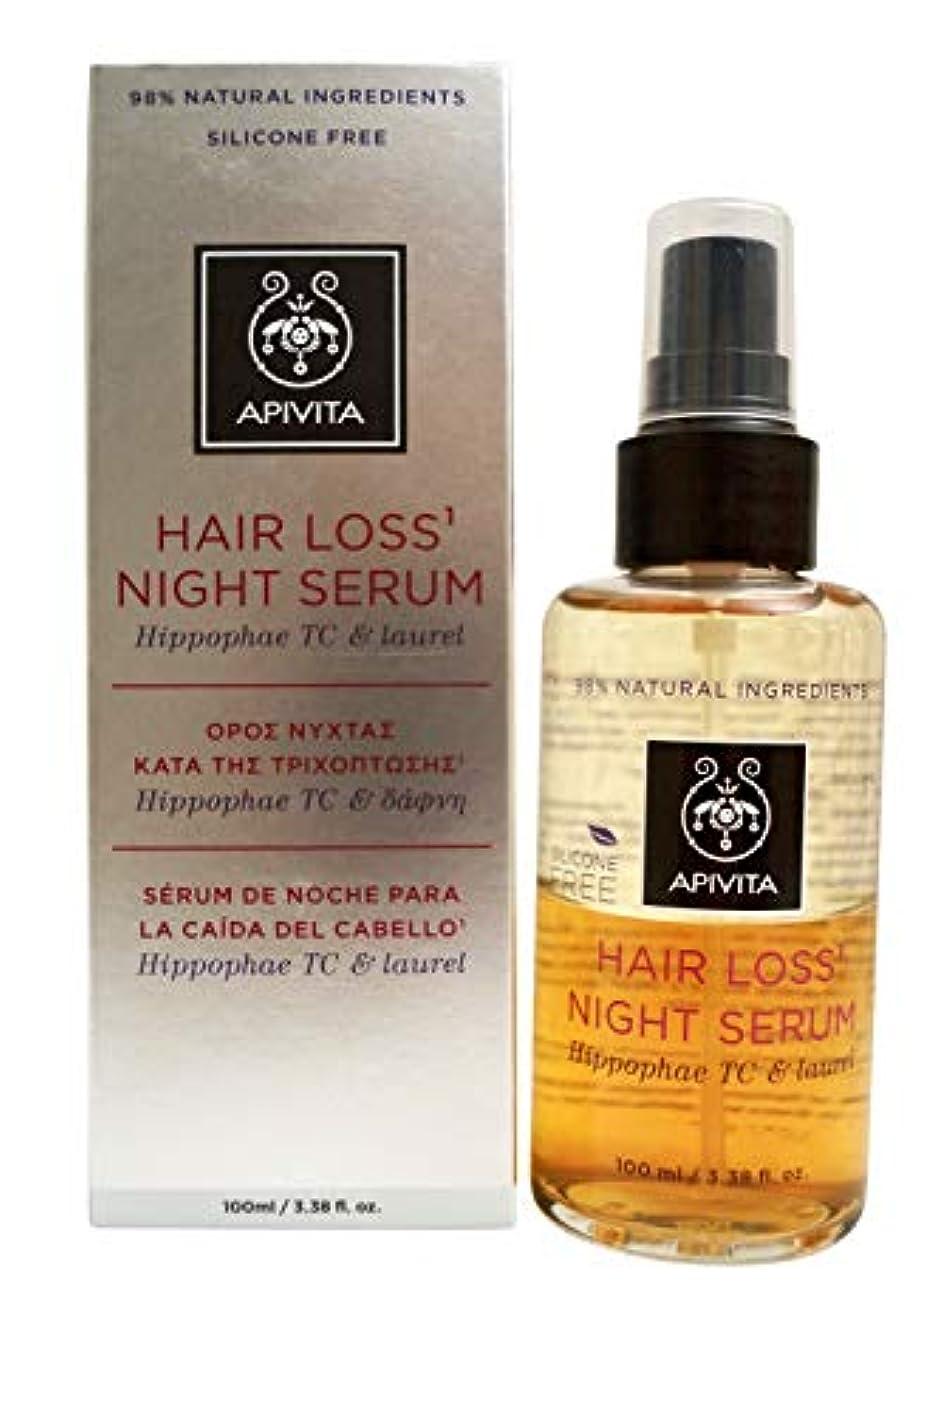 シールスクリュー厳アピヴィータ Hair Loss Night Serum with Hippophae TC & Laurel 100ml [並行輸入品]